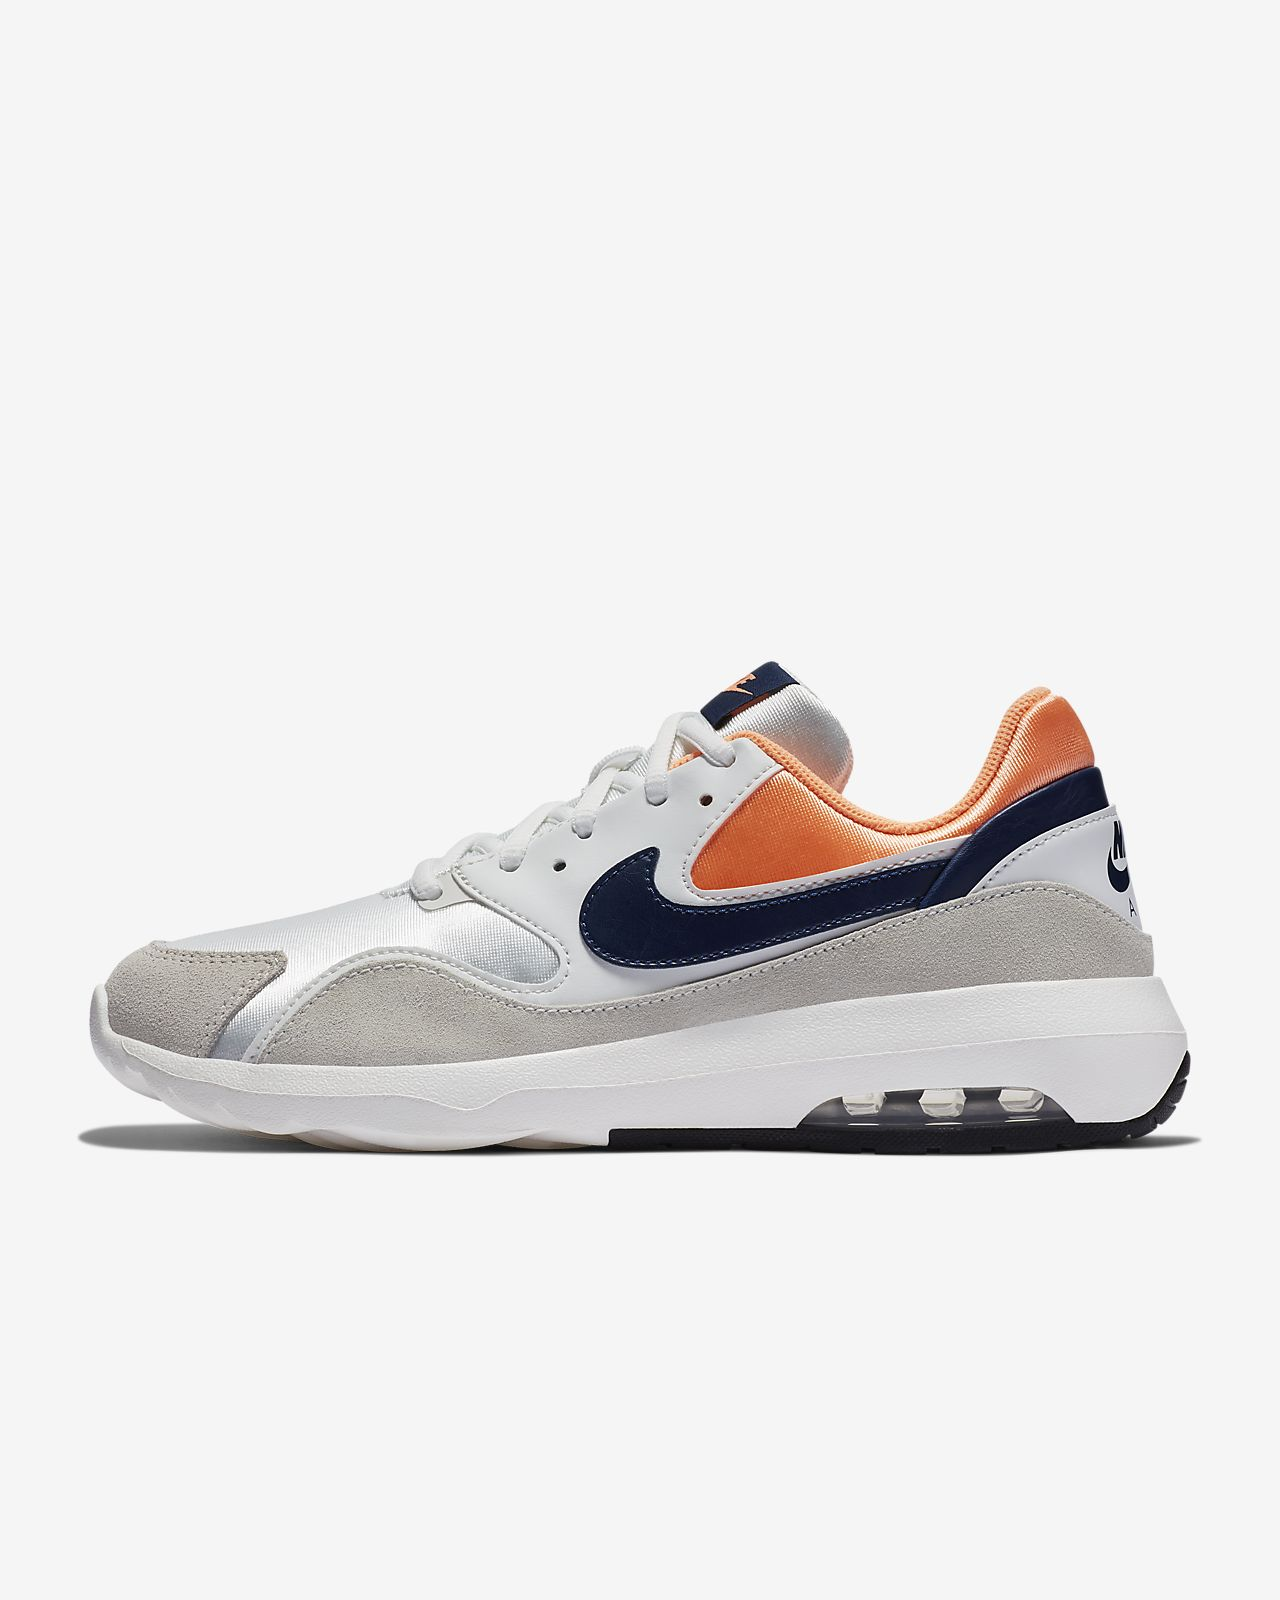 รองเท้าผู้หญิง Nike Air Max Nostalgic